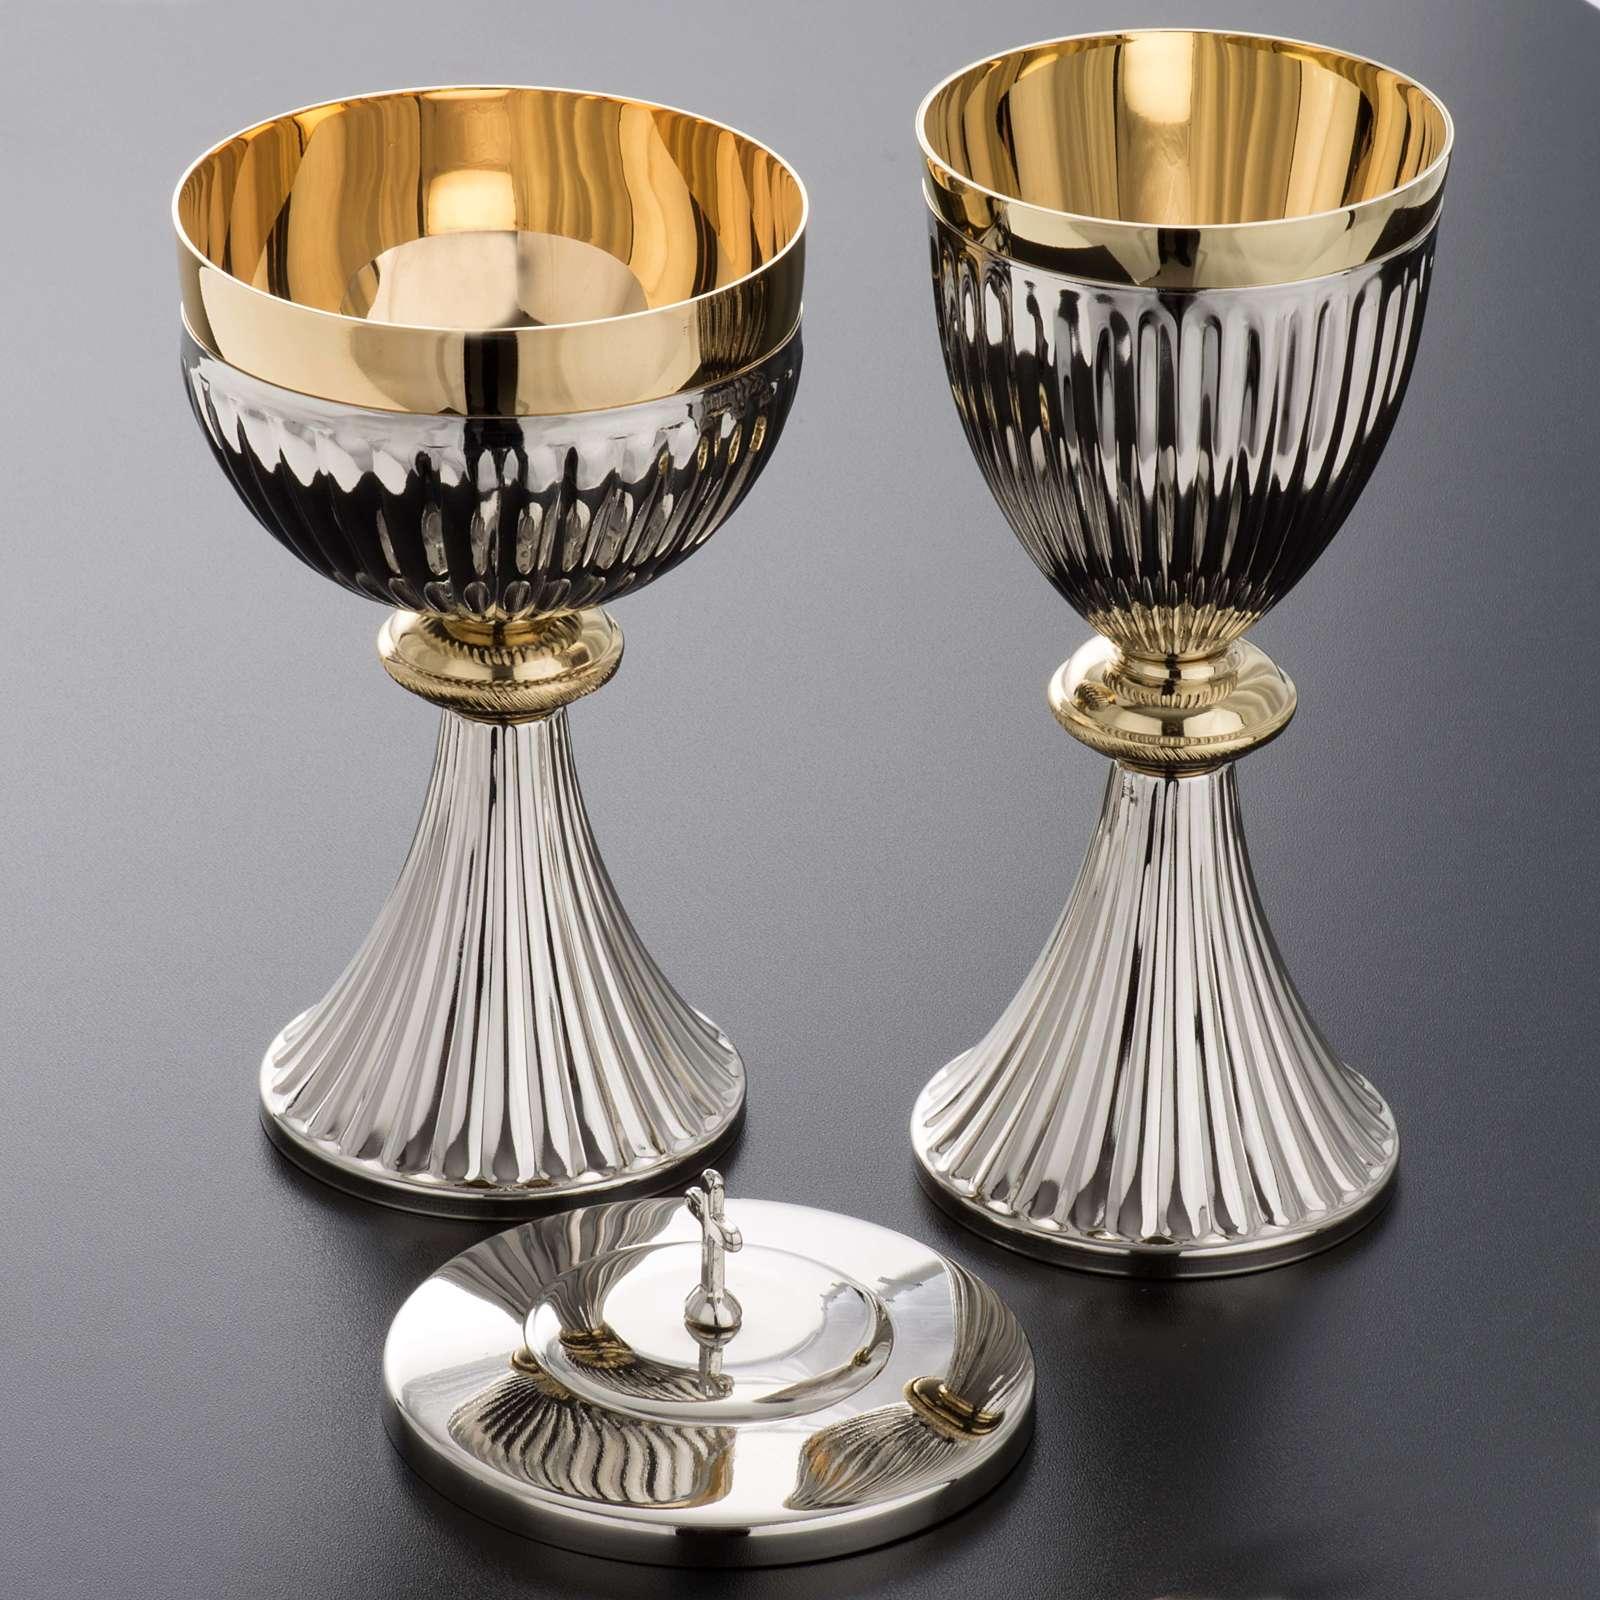 Chalice and Ciborium in brass, empire style 4